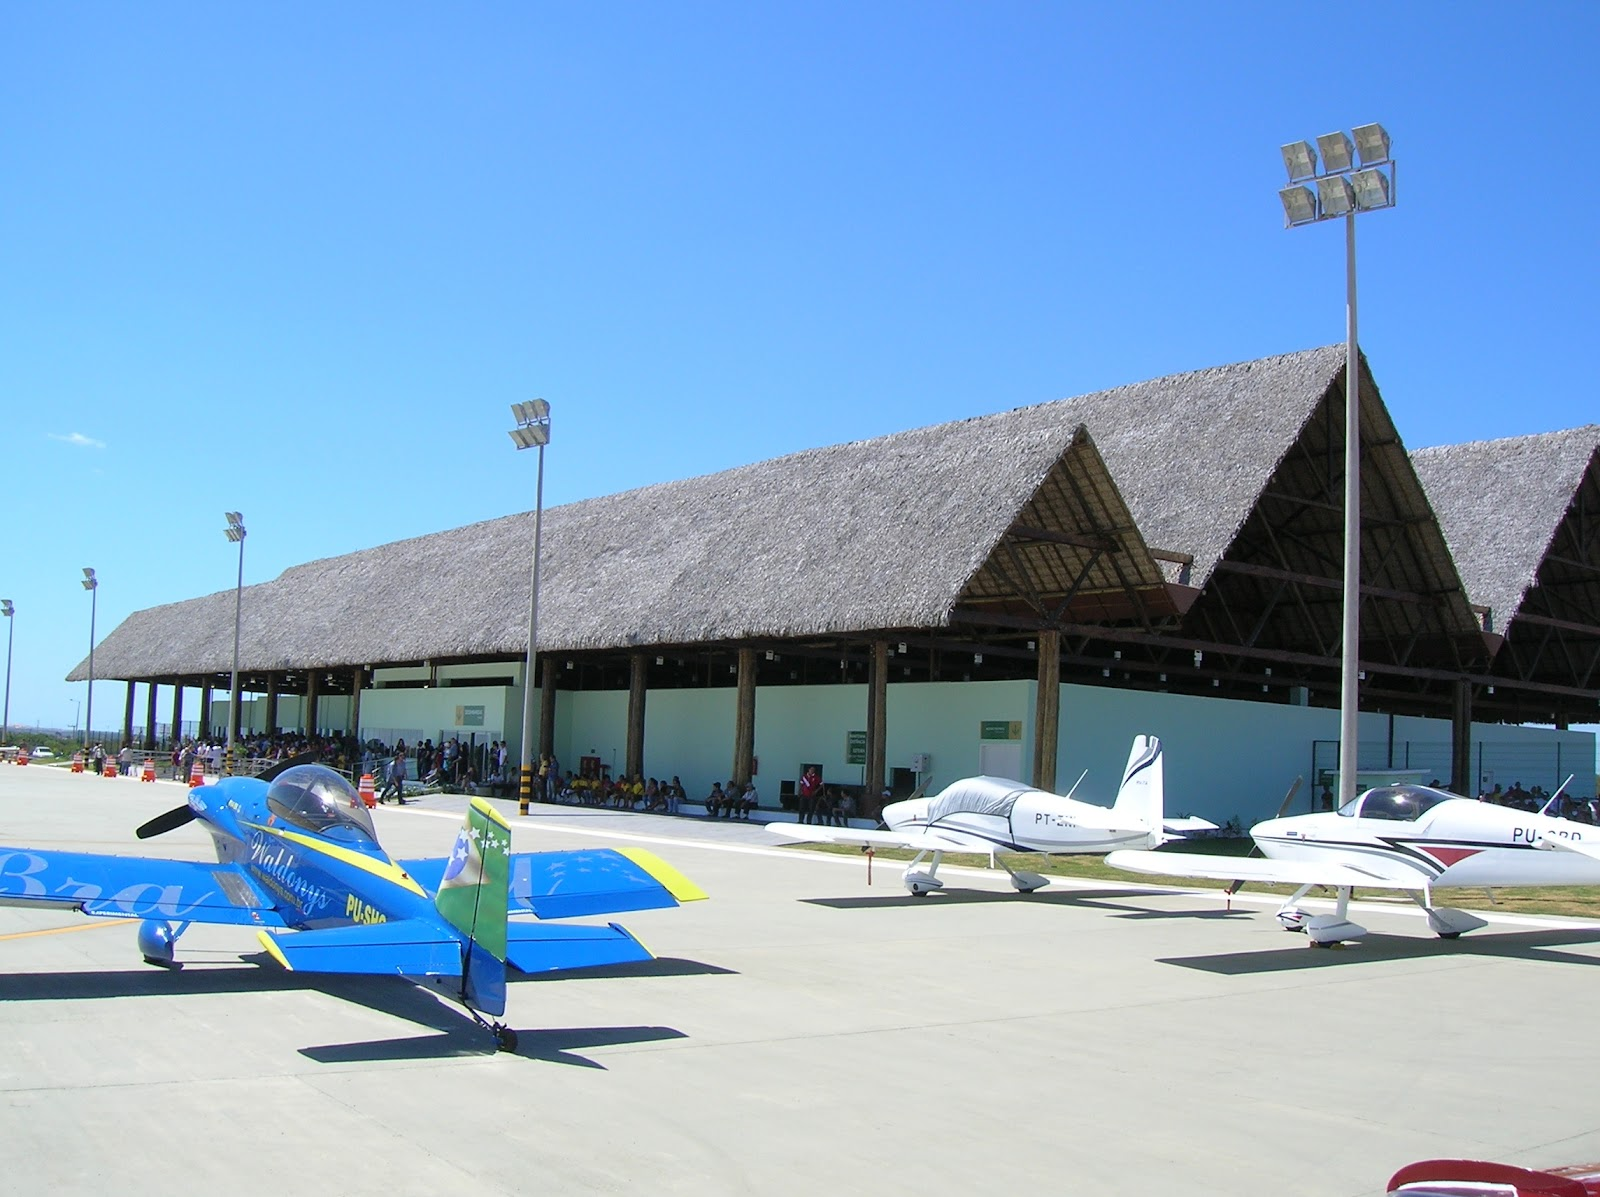 Aeroporto Regional de Canoa Quebrada Dragão do Mar, começa a operar hoje